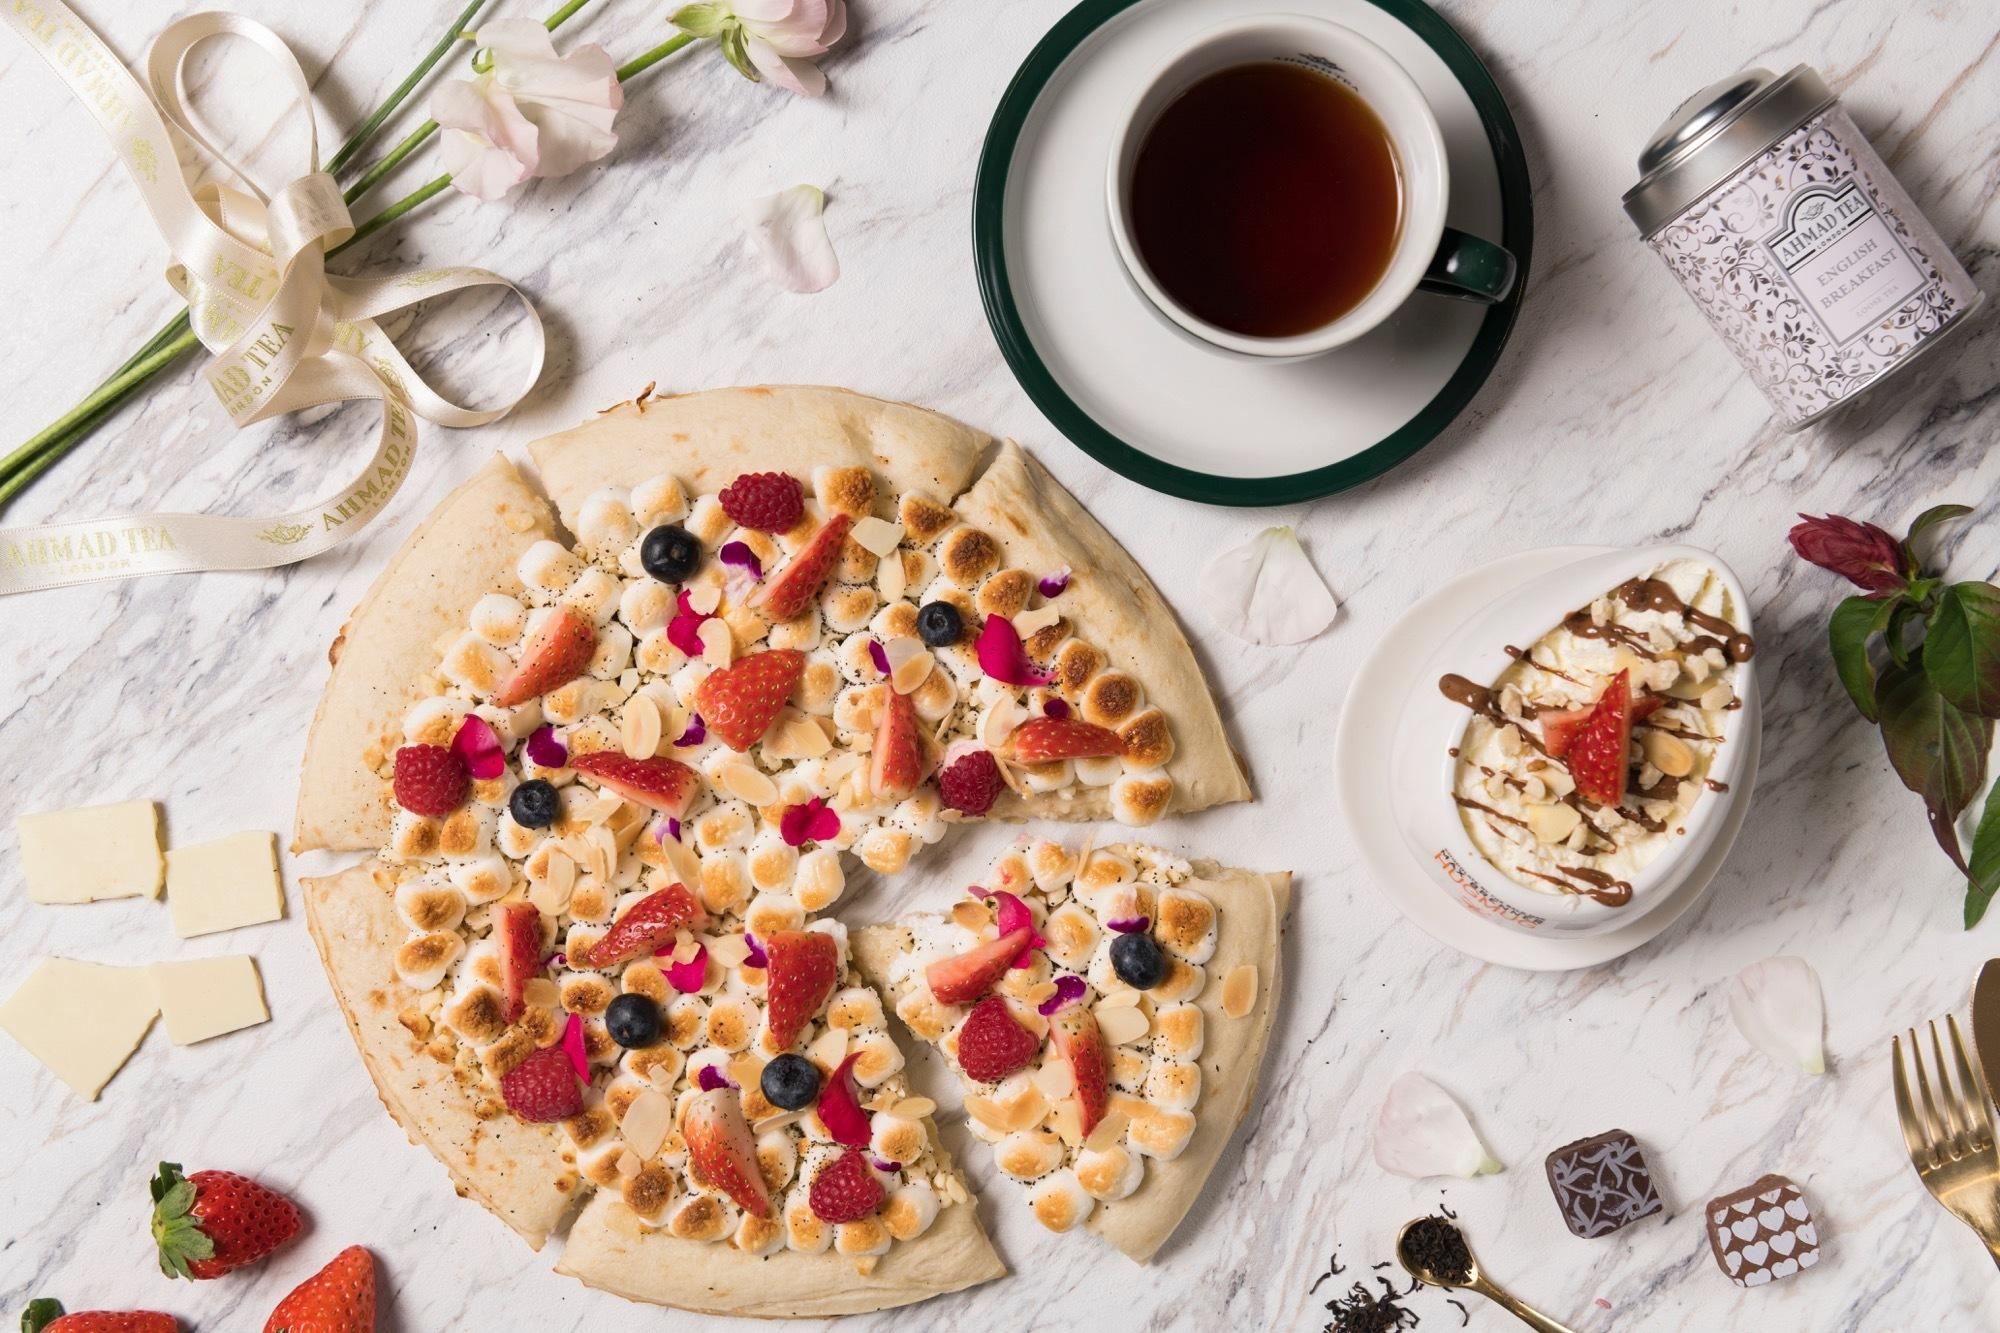 「MAX BRENNER」と「AHMAD TEA」がコラボ☕️👑限定スイーツピザが登場🍕💕